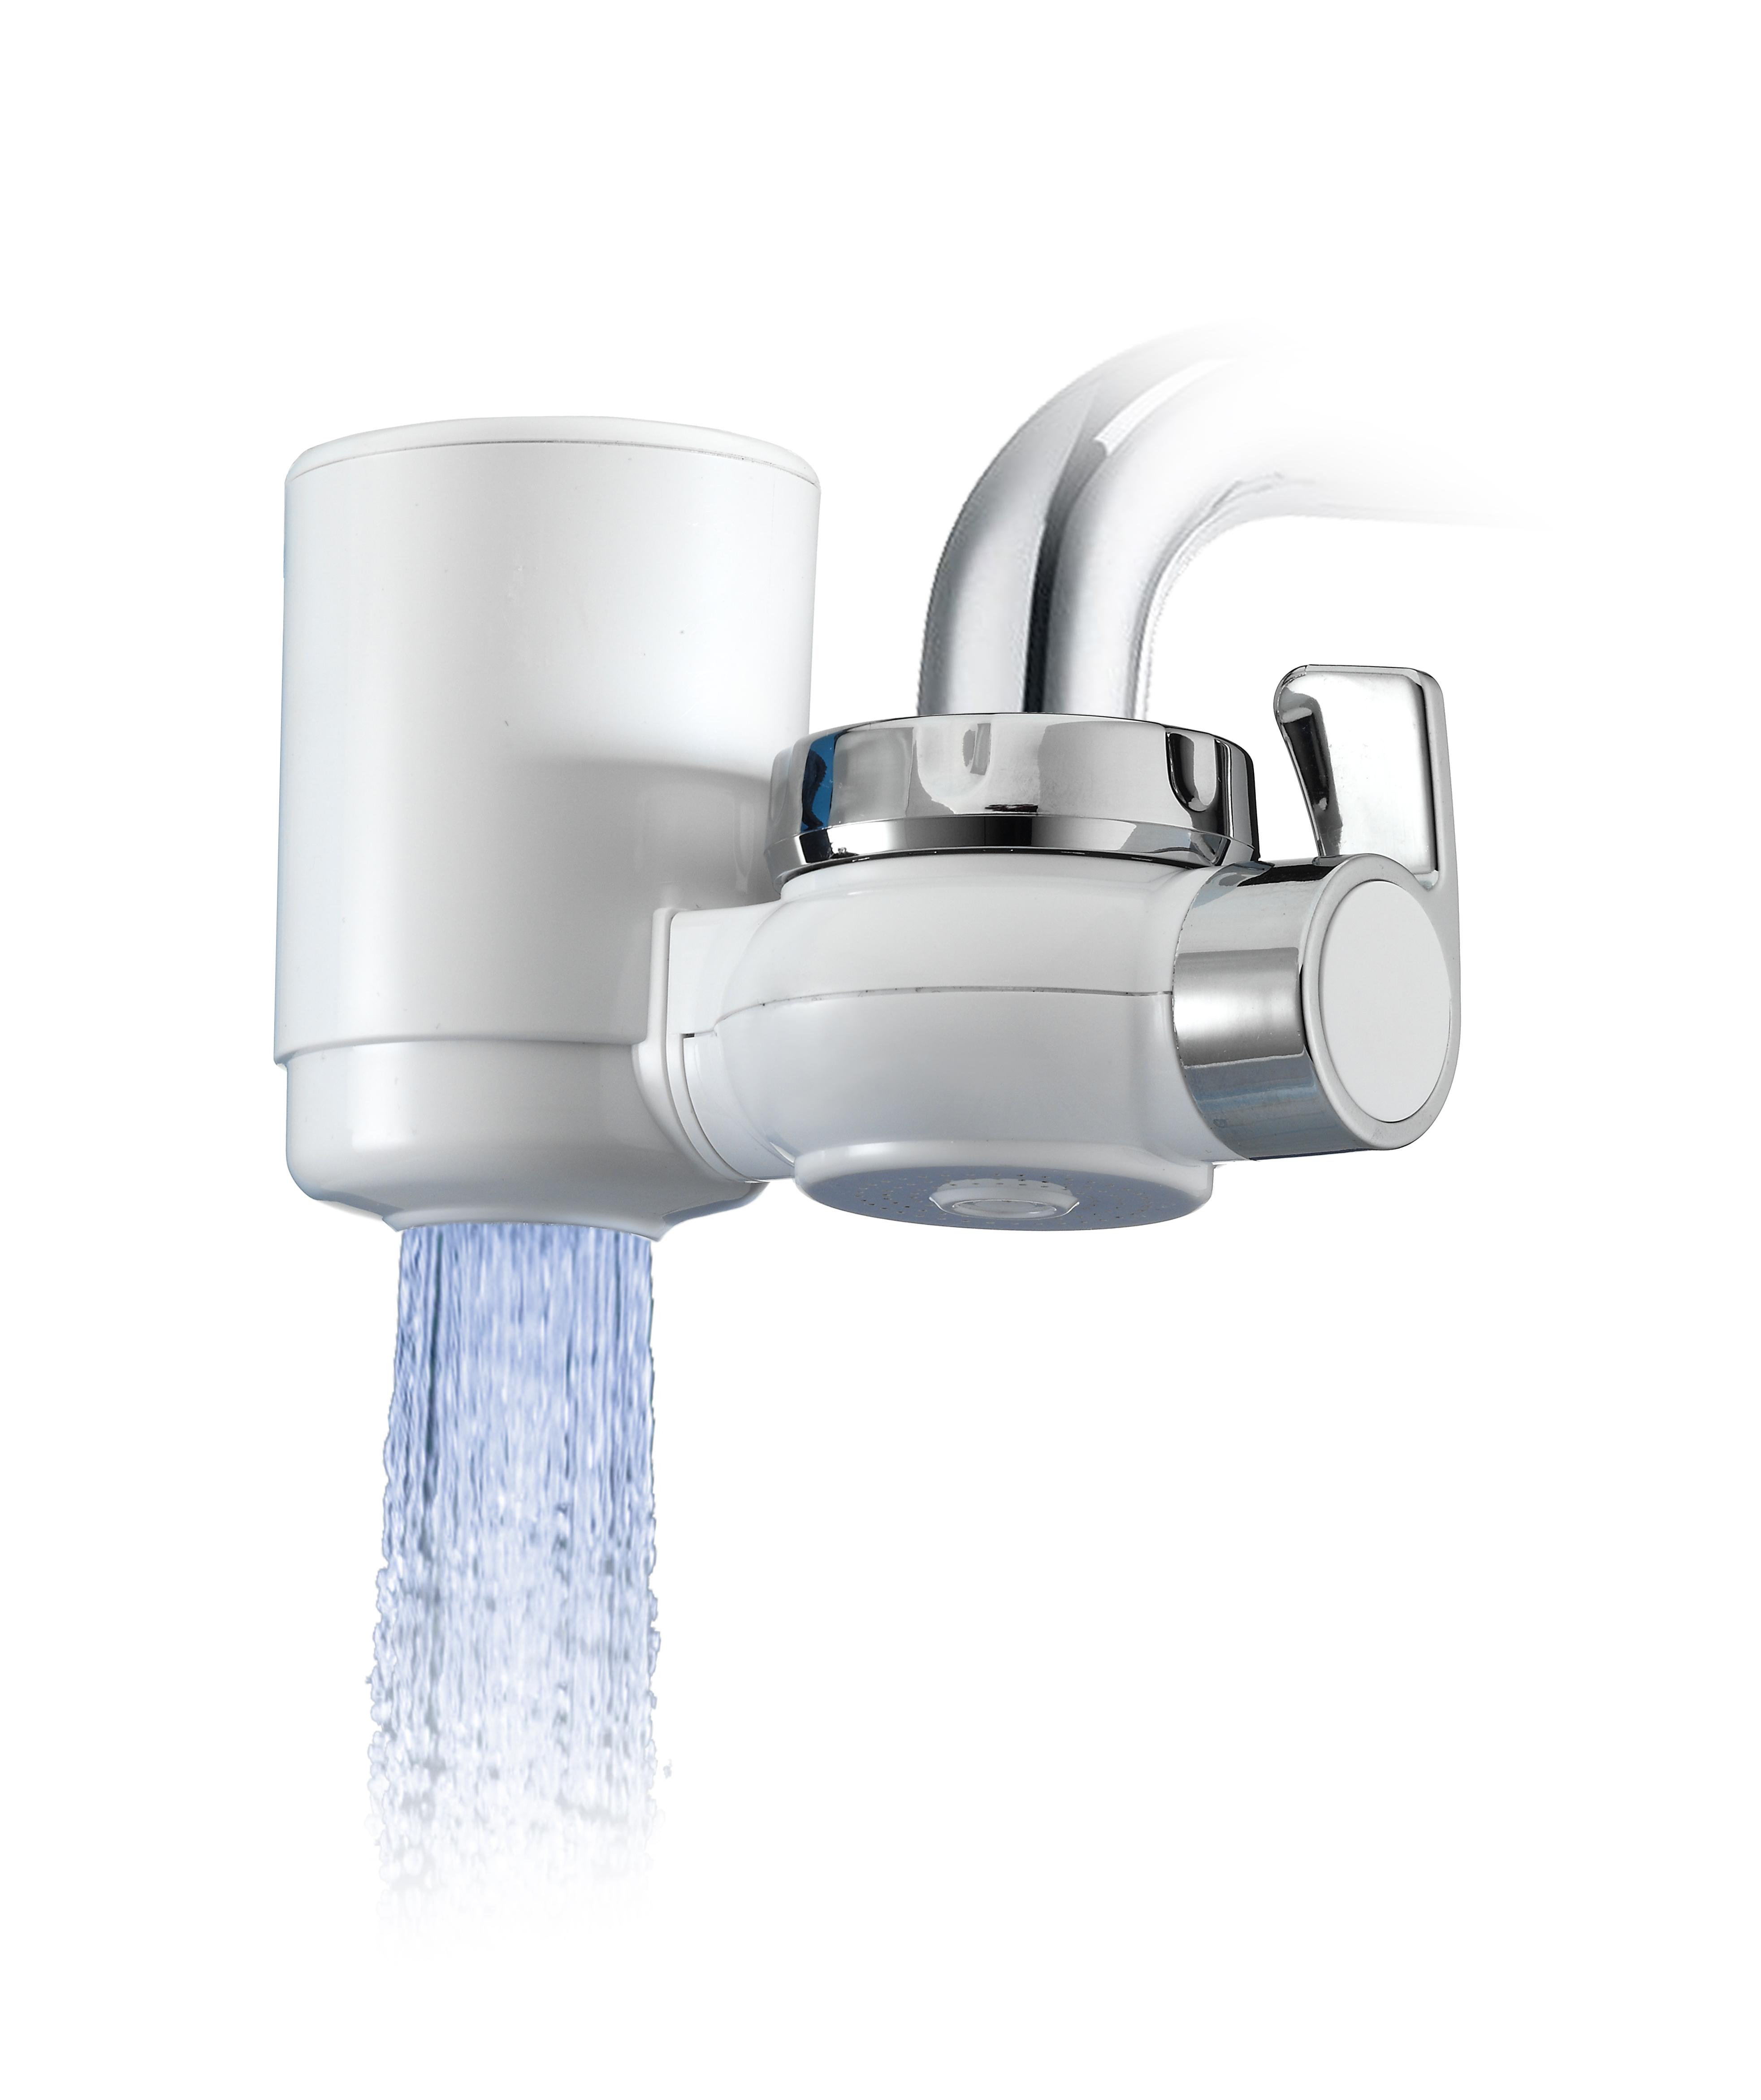 Filtru de apa cu fixare pe robinet Laica Genova HydroSmart laicashop.ro 2021